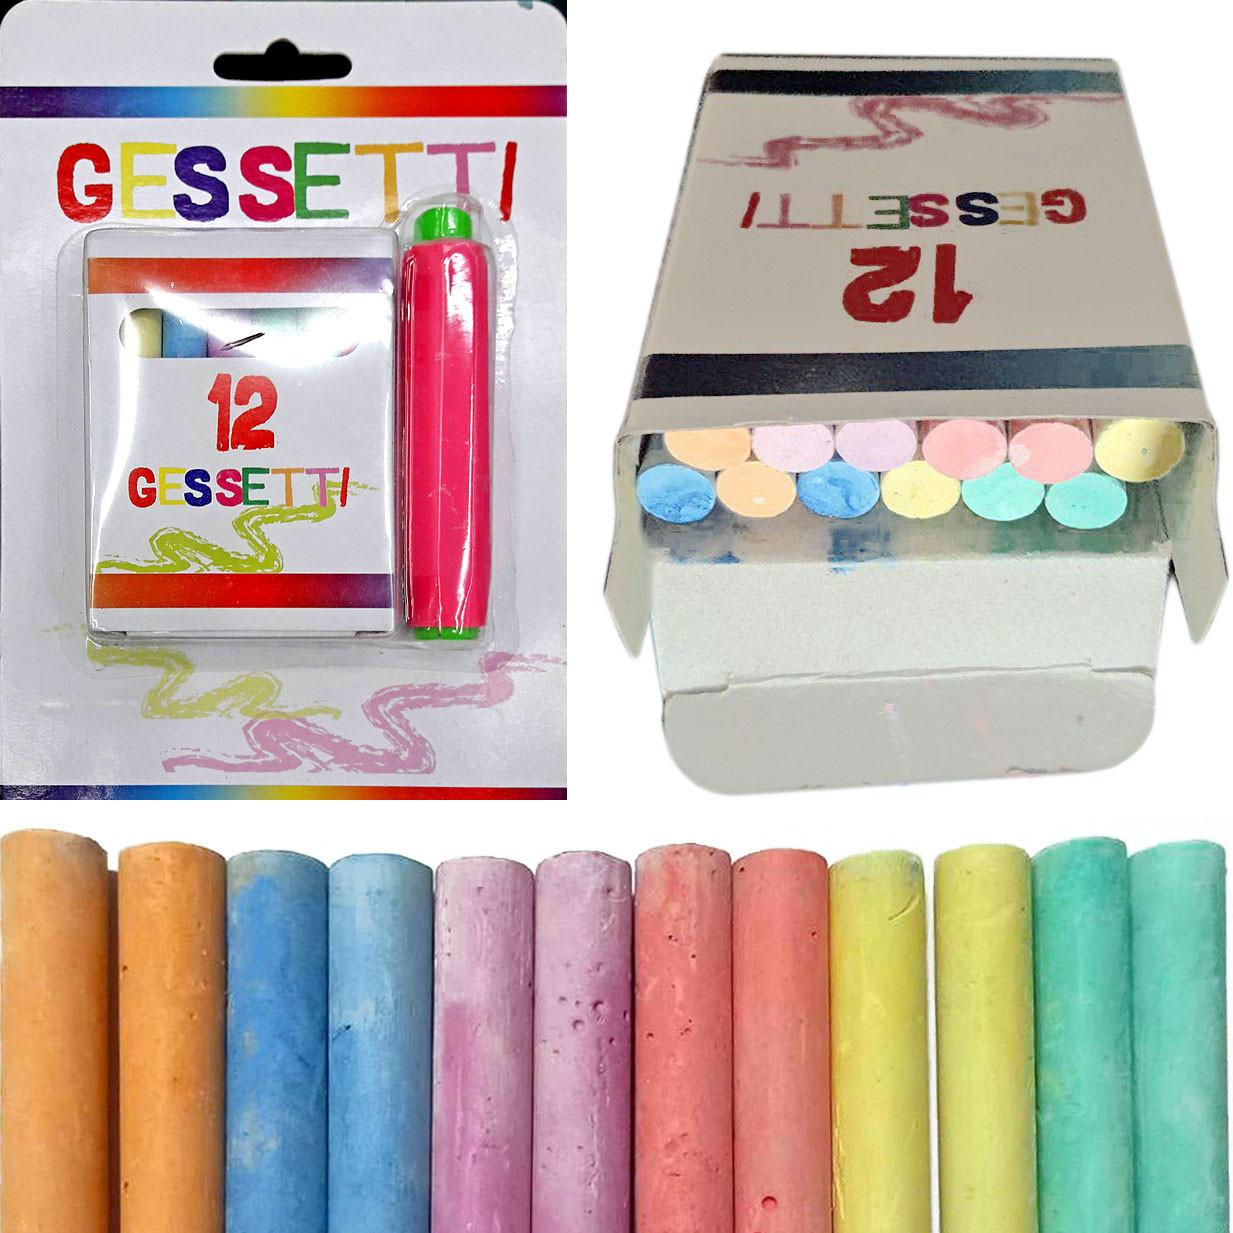 Мел 3932 цветной, 12шт. 6 цветов, длина 7,5 см ширина 0,8 см - 1 см + держатель